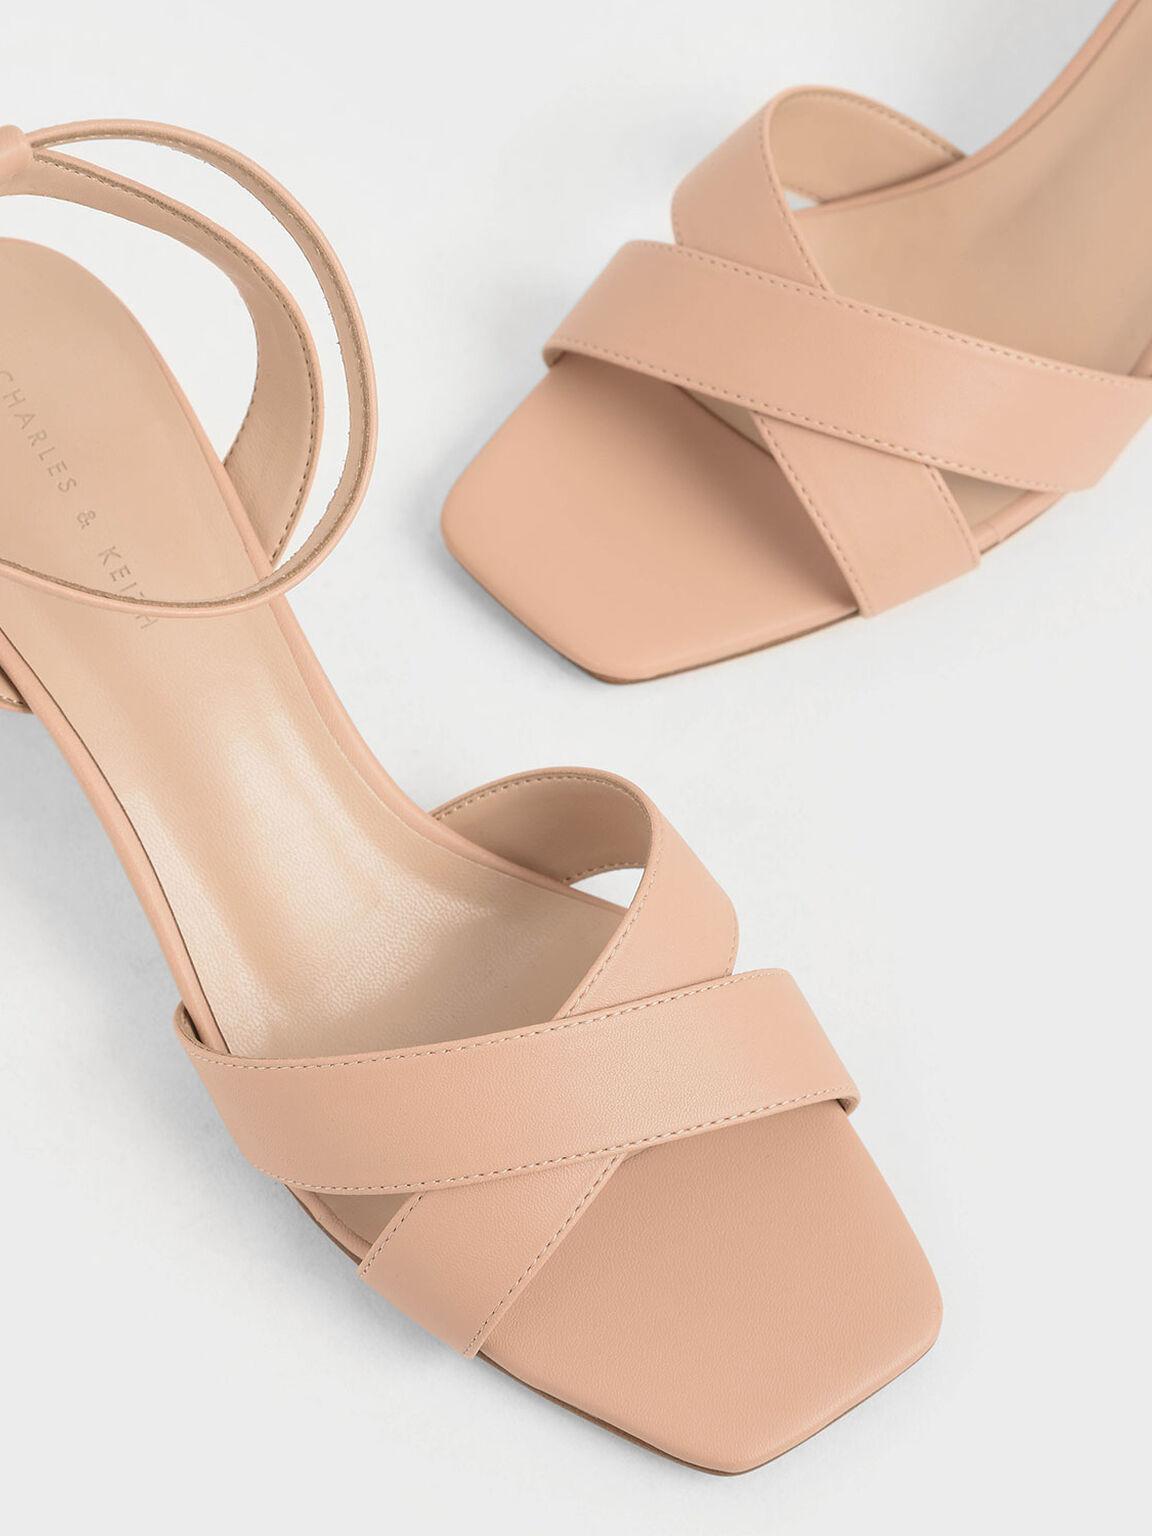 Criss Cross Block Heel Sandals, Nude, hi-res